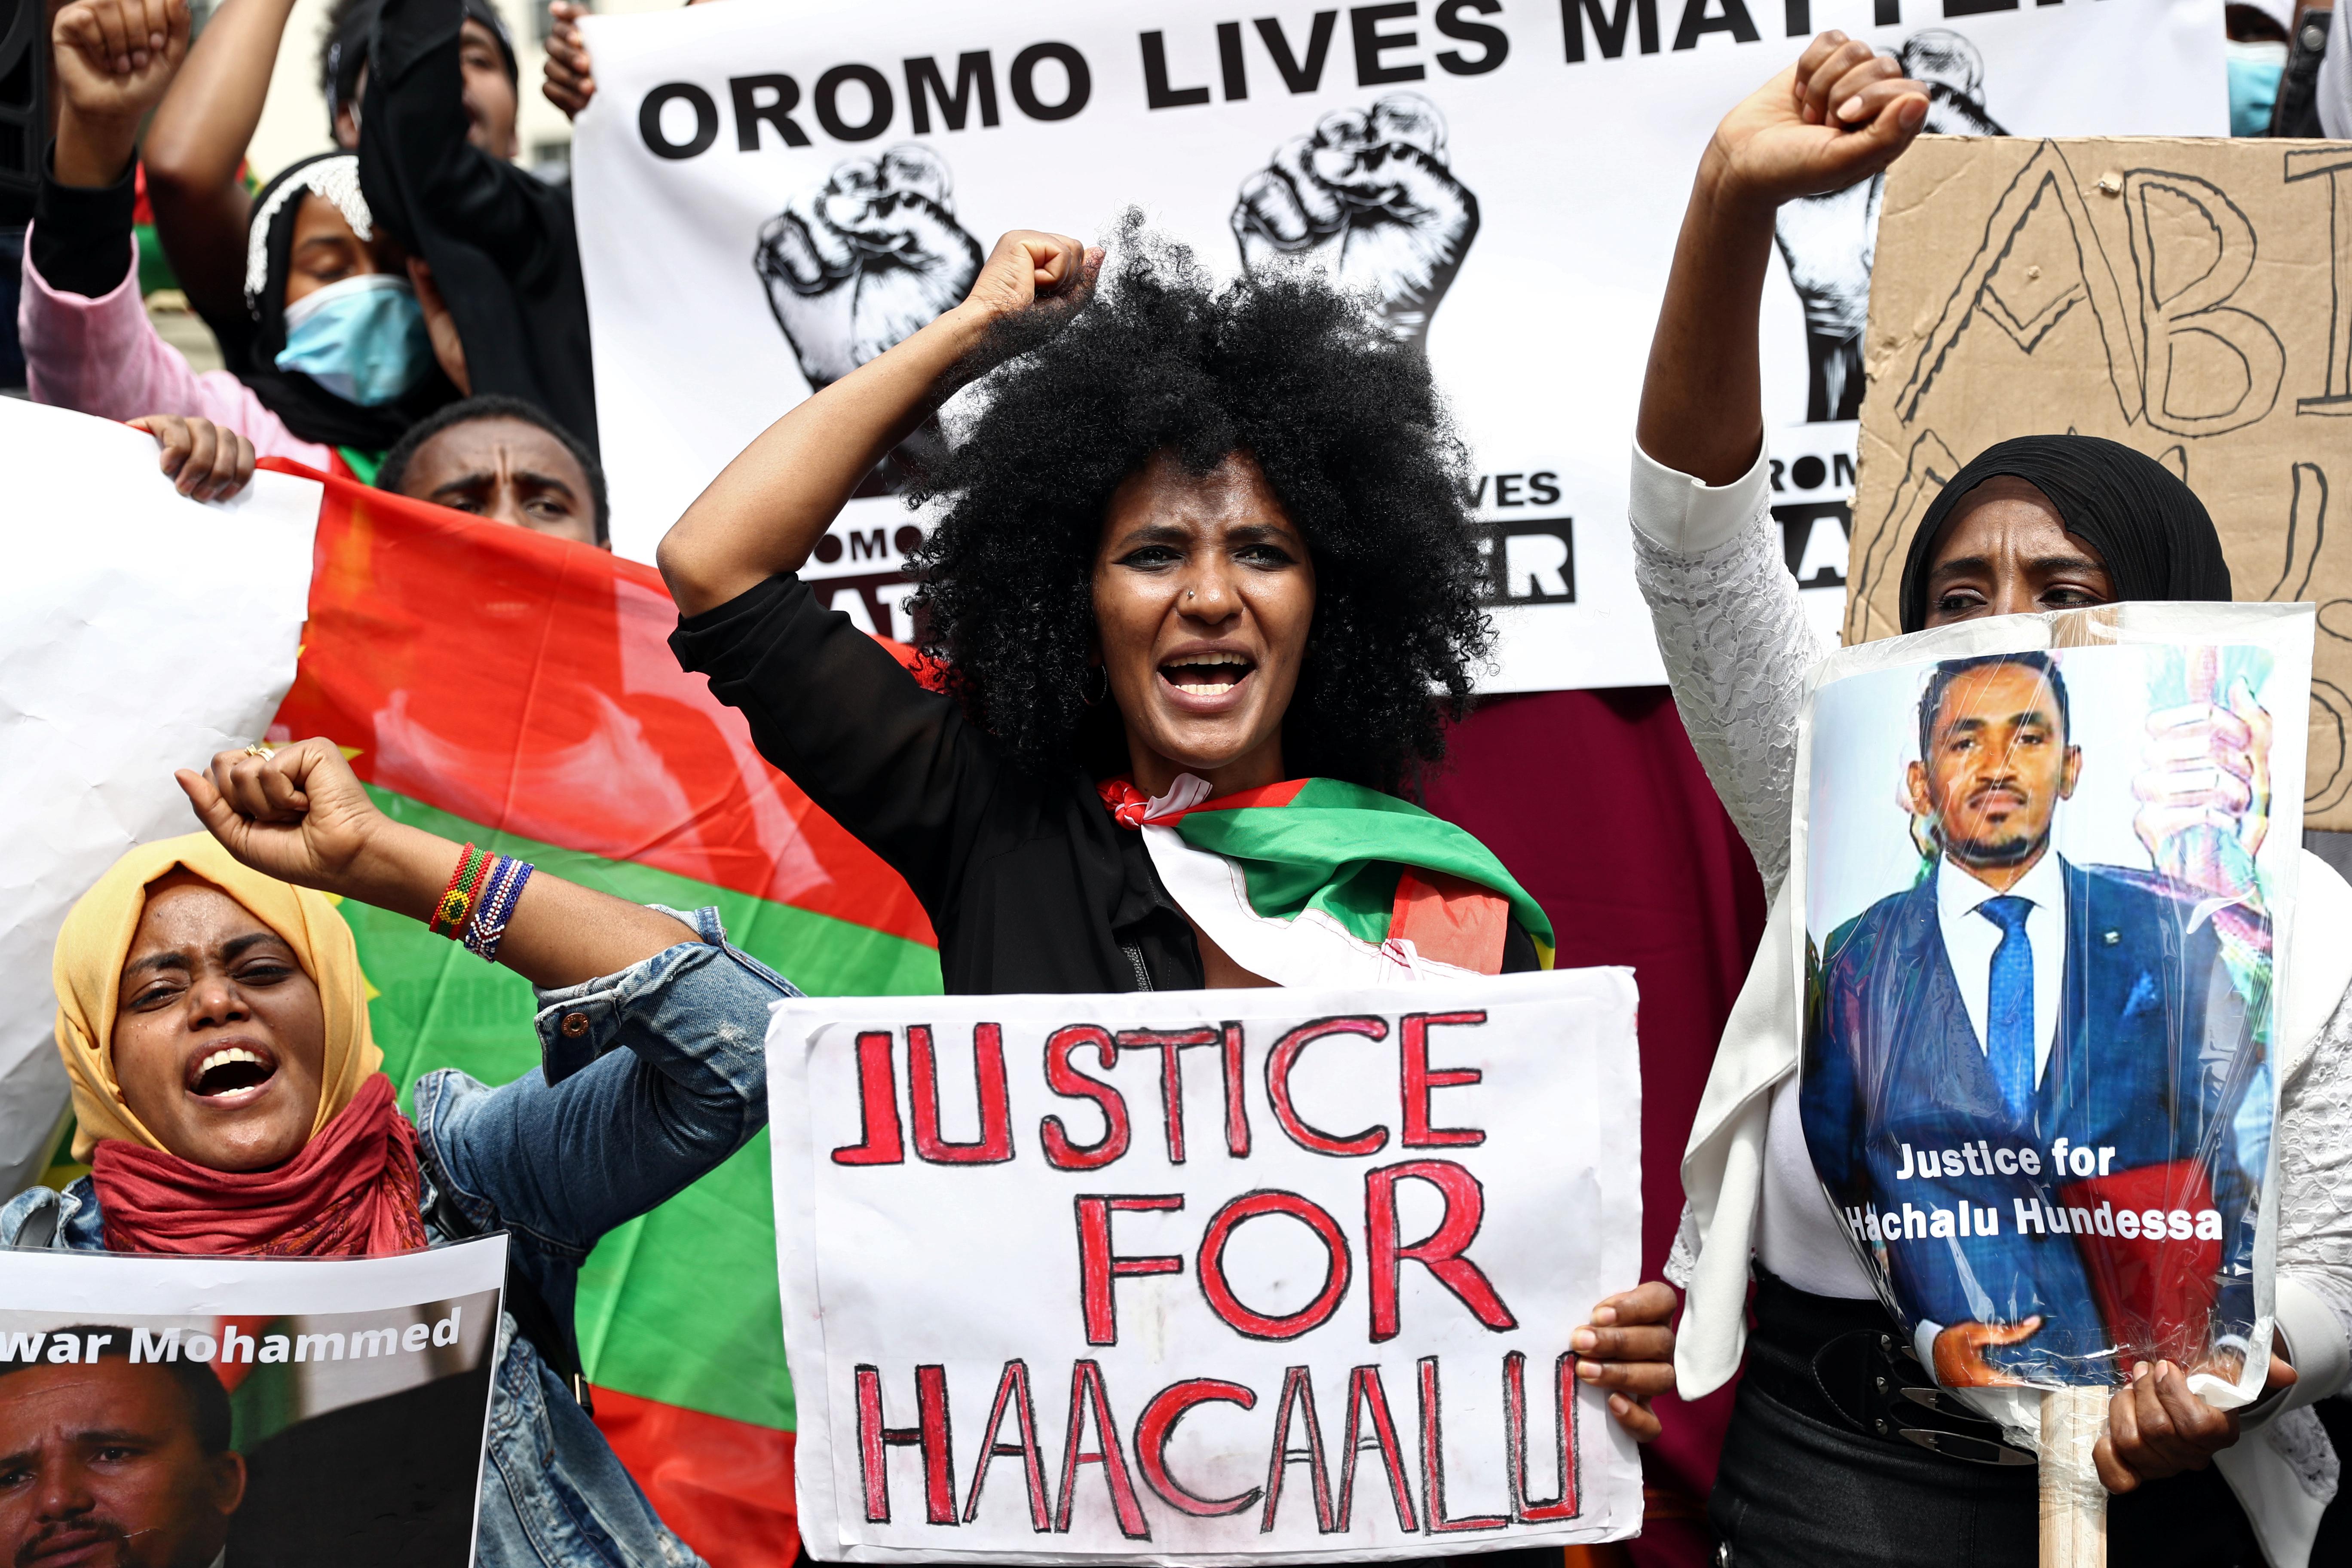 global ethiopia oromo protest.